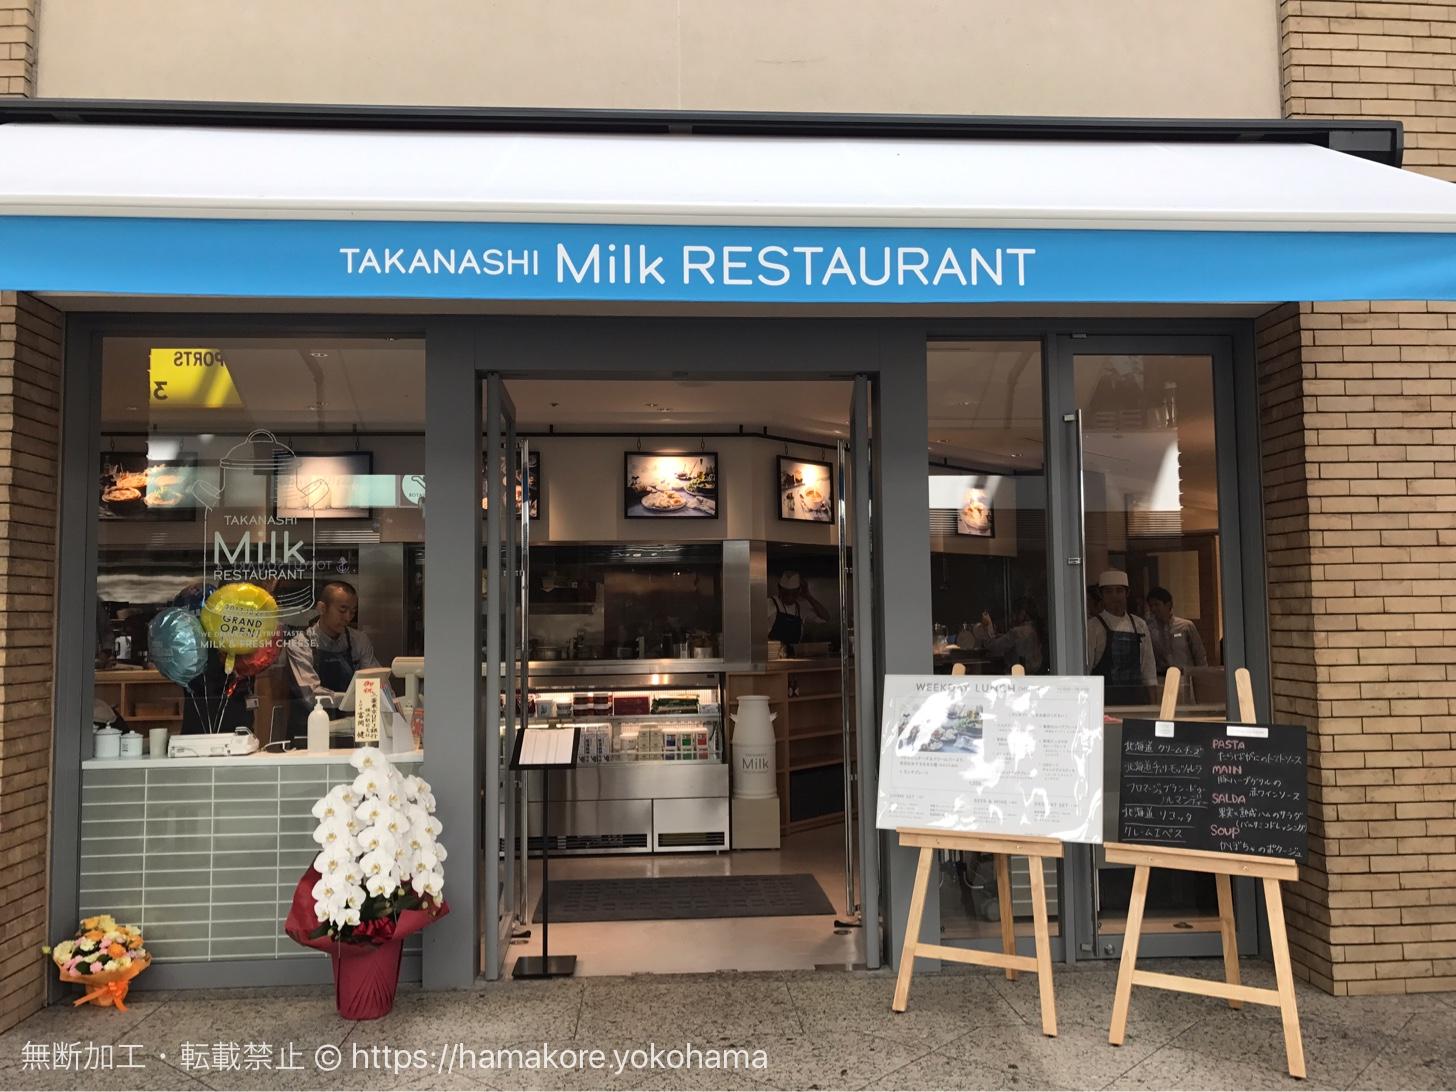 タカナシミルクレストラン 外観